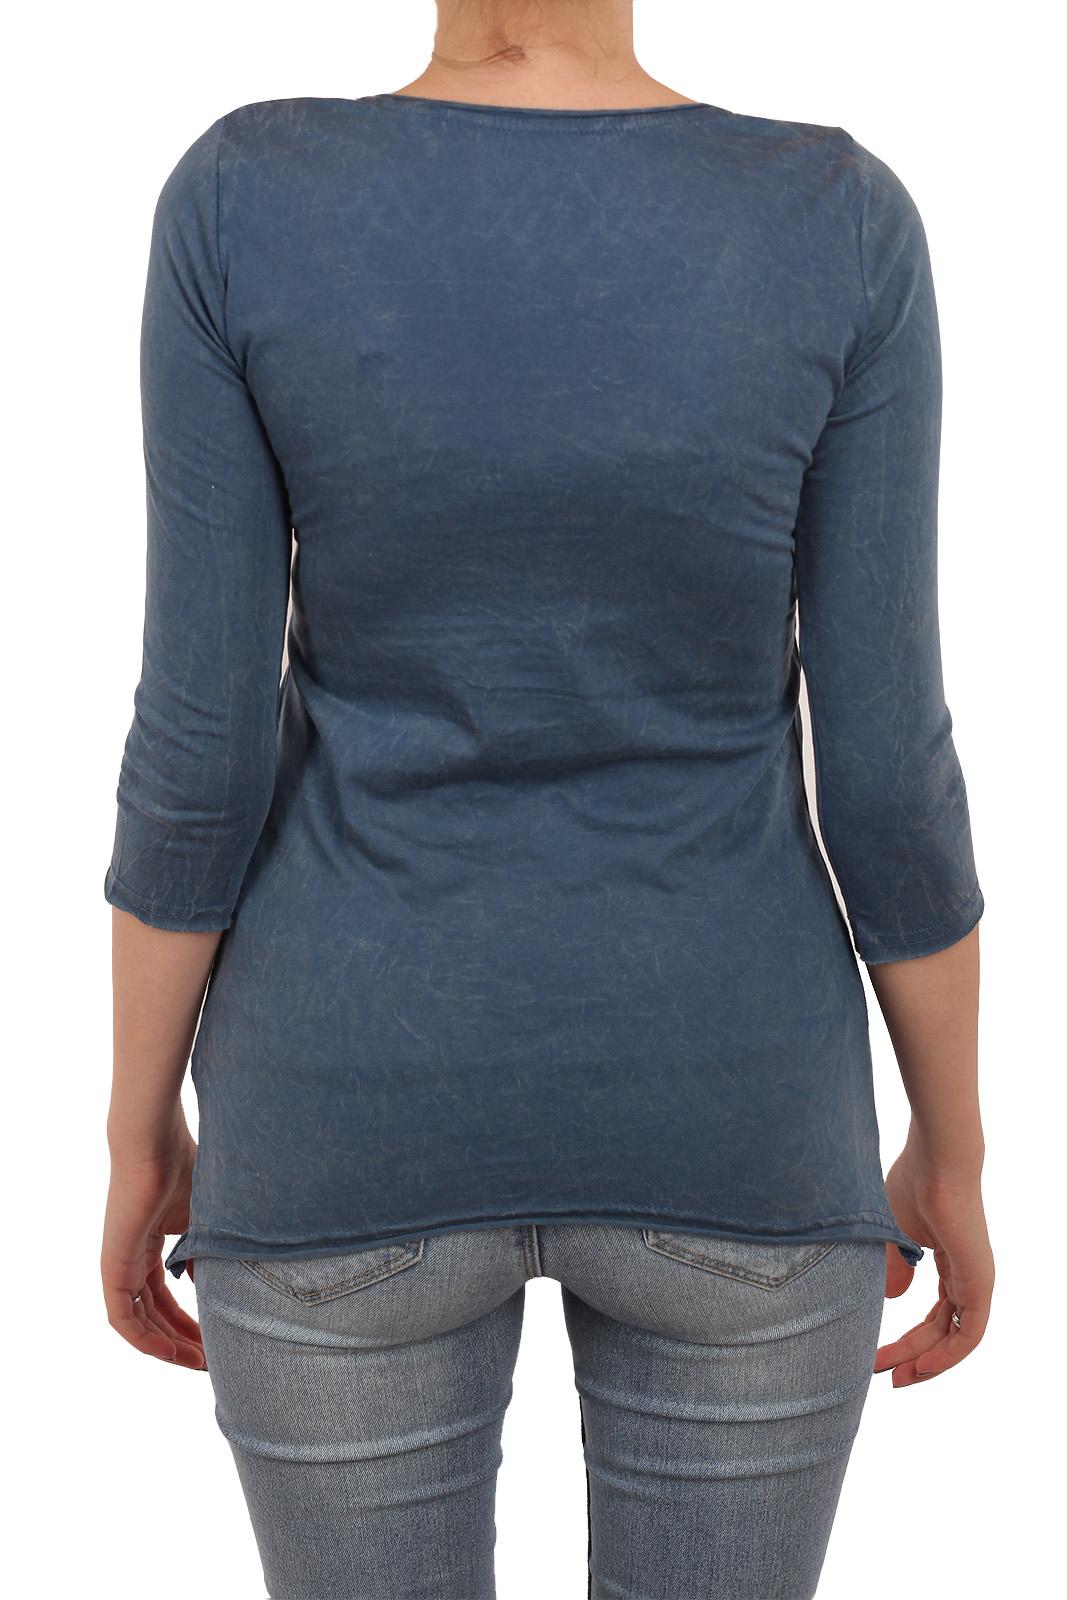 Женская кофта Panhandle с укороченными рукавами и ассиметричным низом. Восточный орнамент, модный цвет и ай-какая приятная цена!